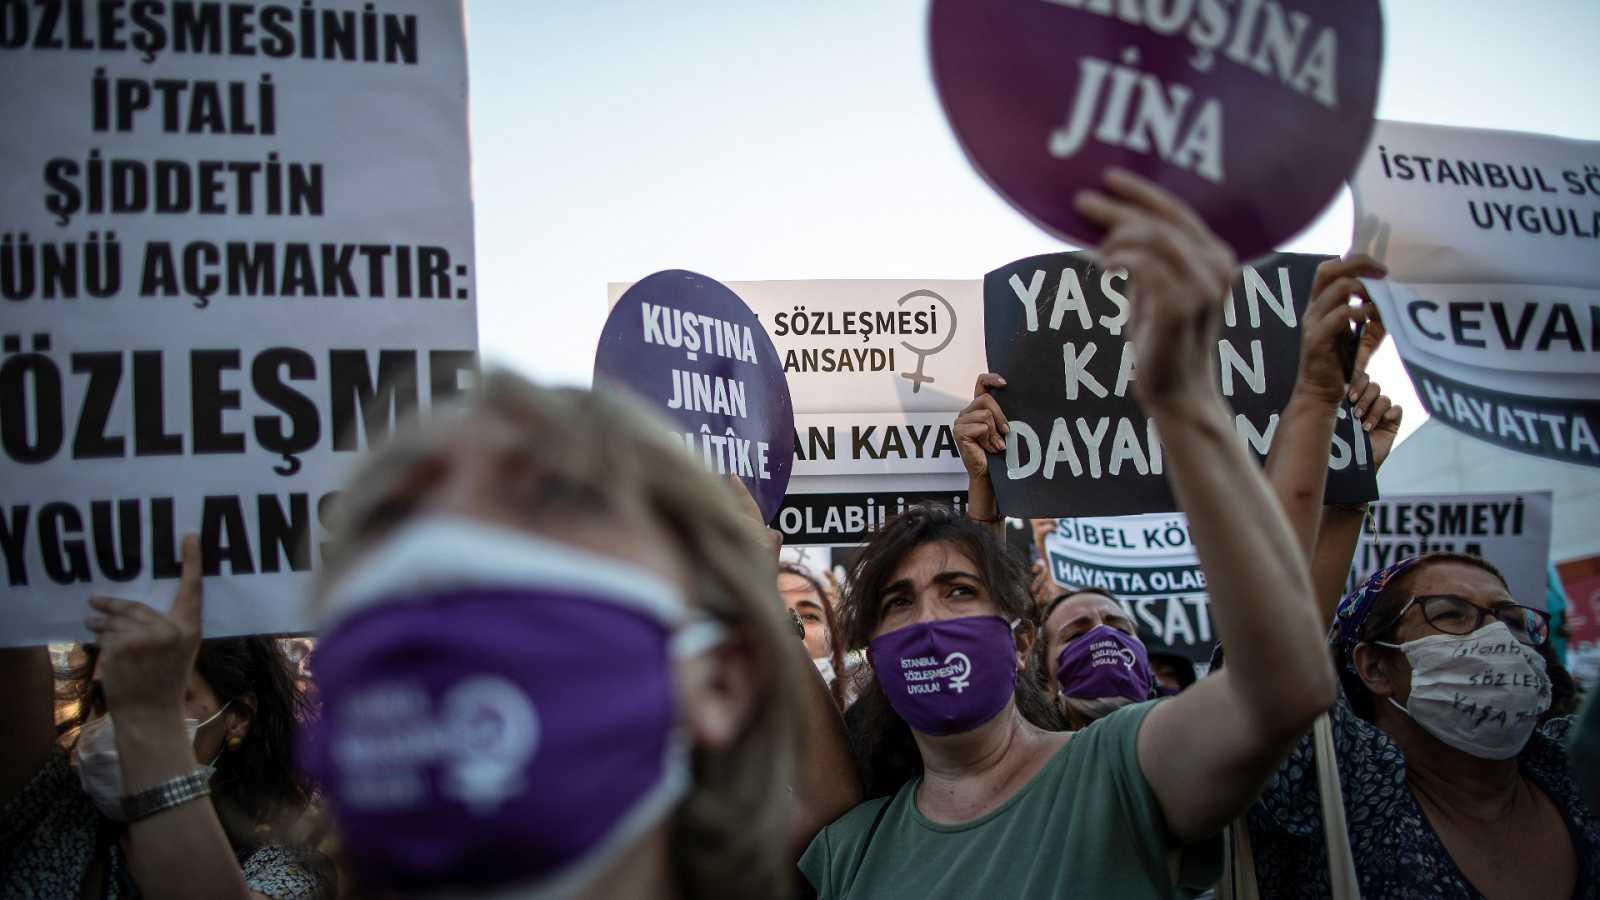 Convenio de Estambul, un tratado europeo que España ratificó en 2014 y que ahora algunos países ponen en cuestión